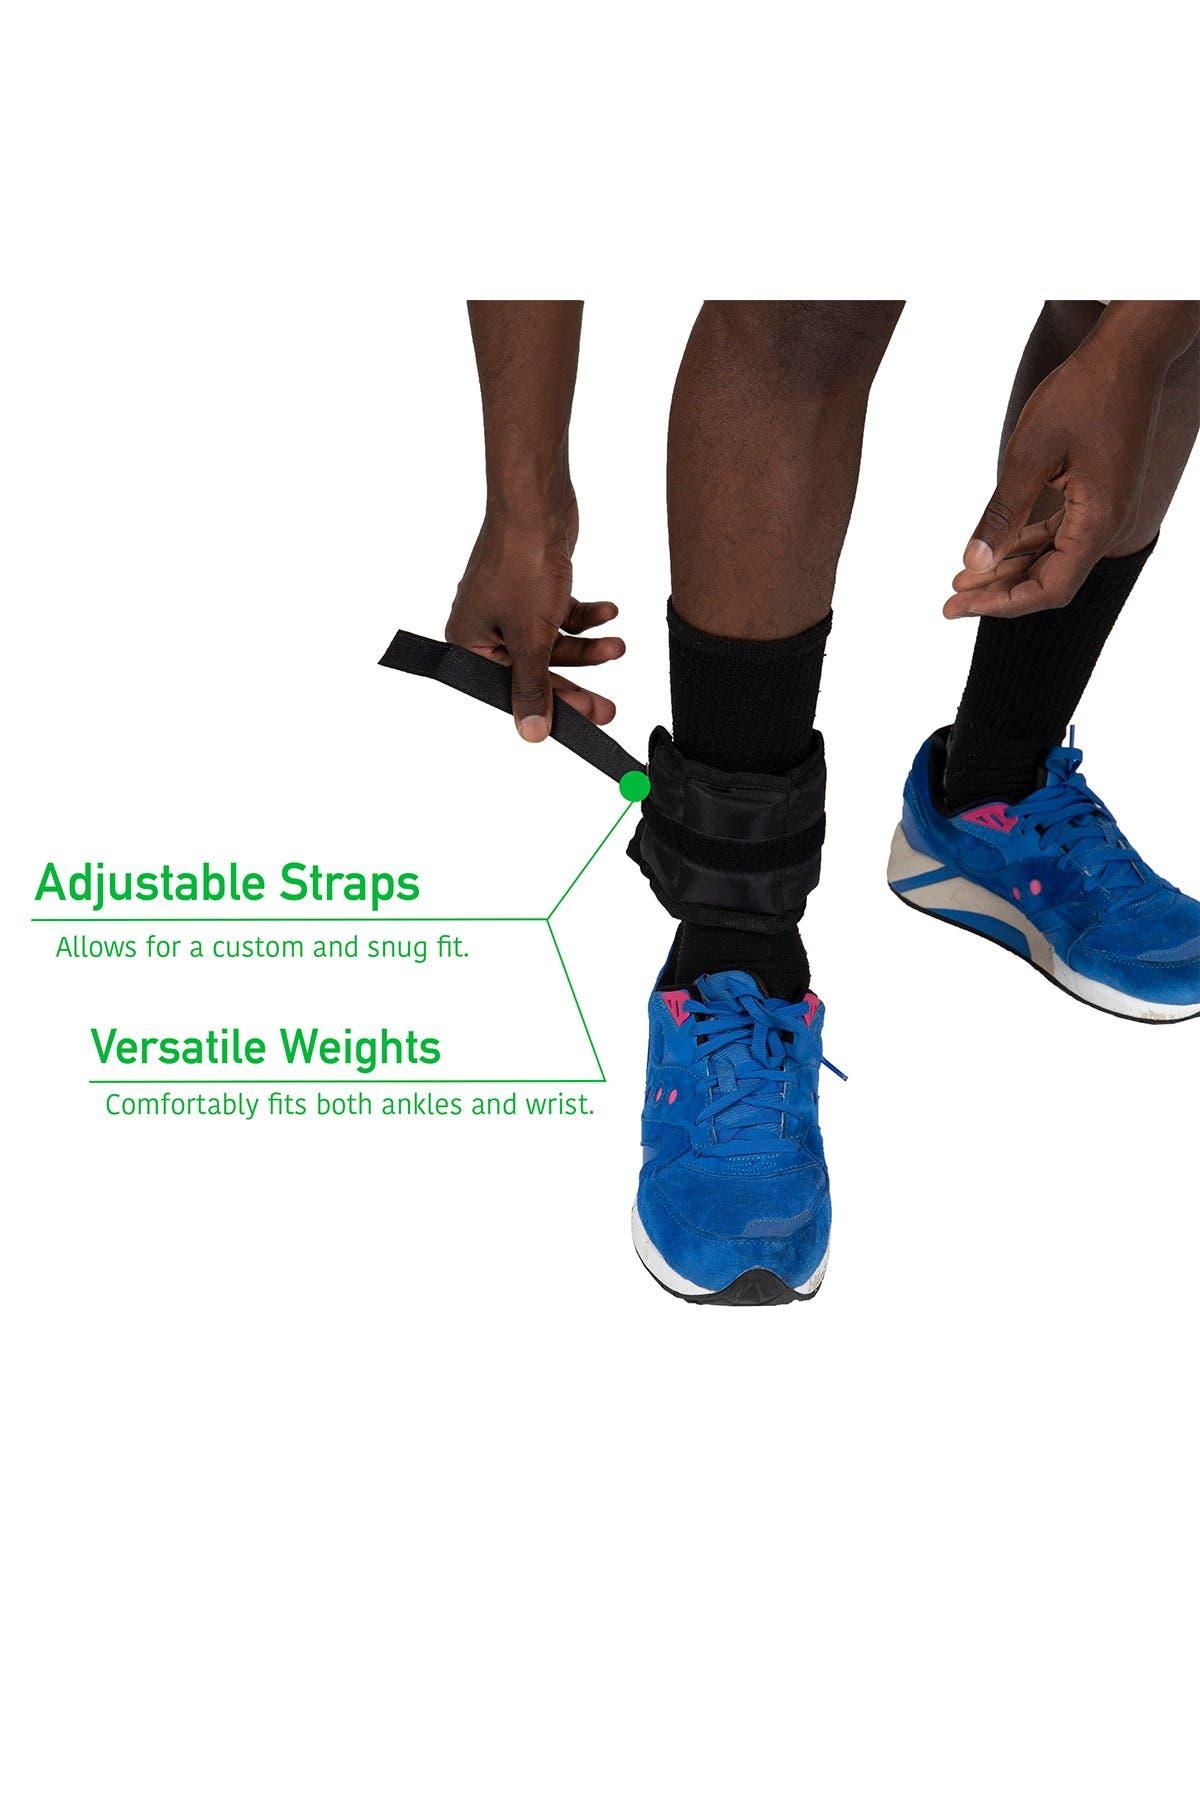 Image of MIND READER 2 lb Adjustable Ankle & Wrist Weights - Set of 2